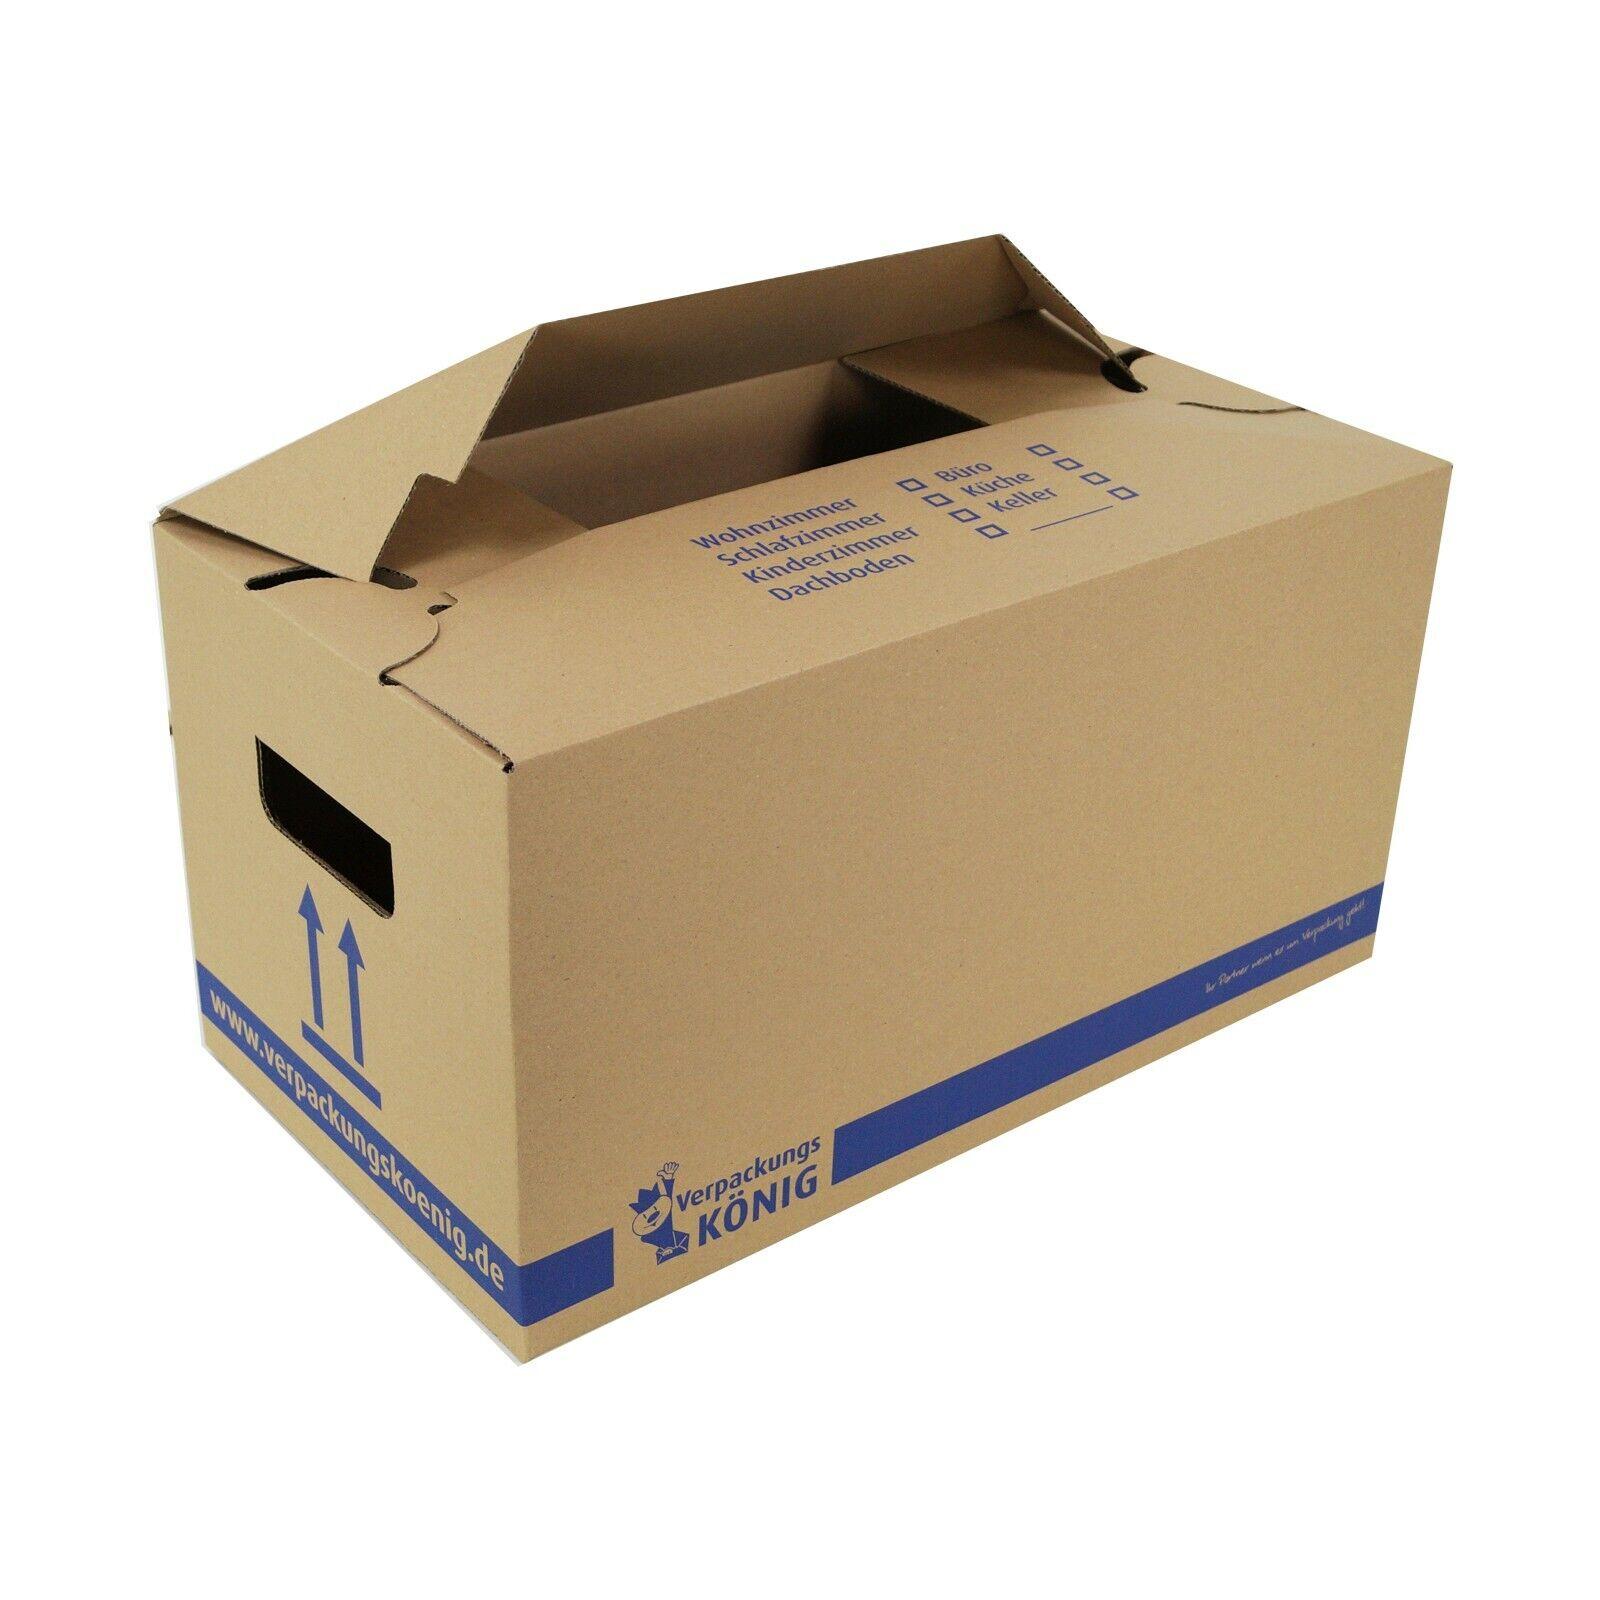 15 neue Profi Umzugskartons UK 2-wellig Umzug Karton Boxen Tragekarton Kisten